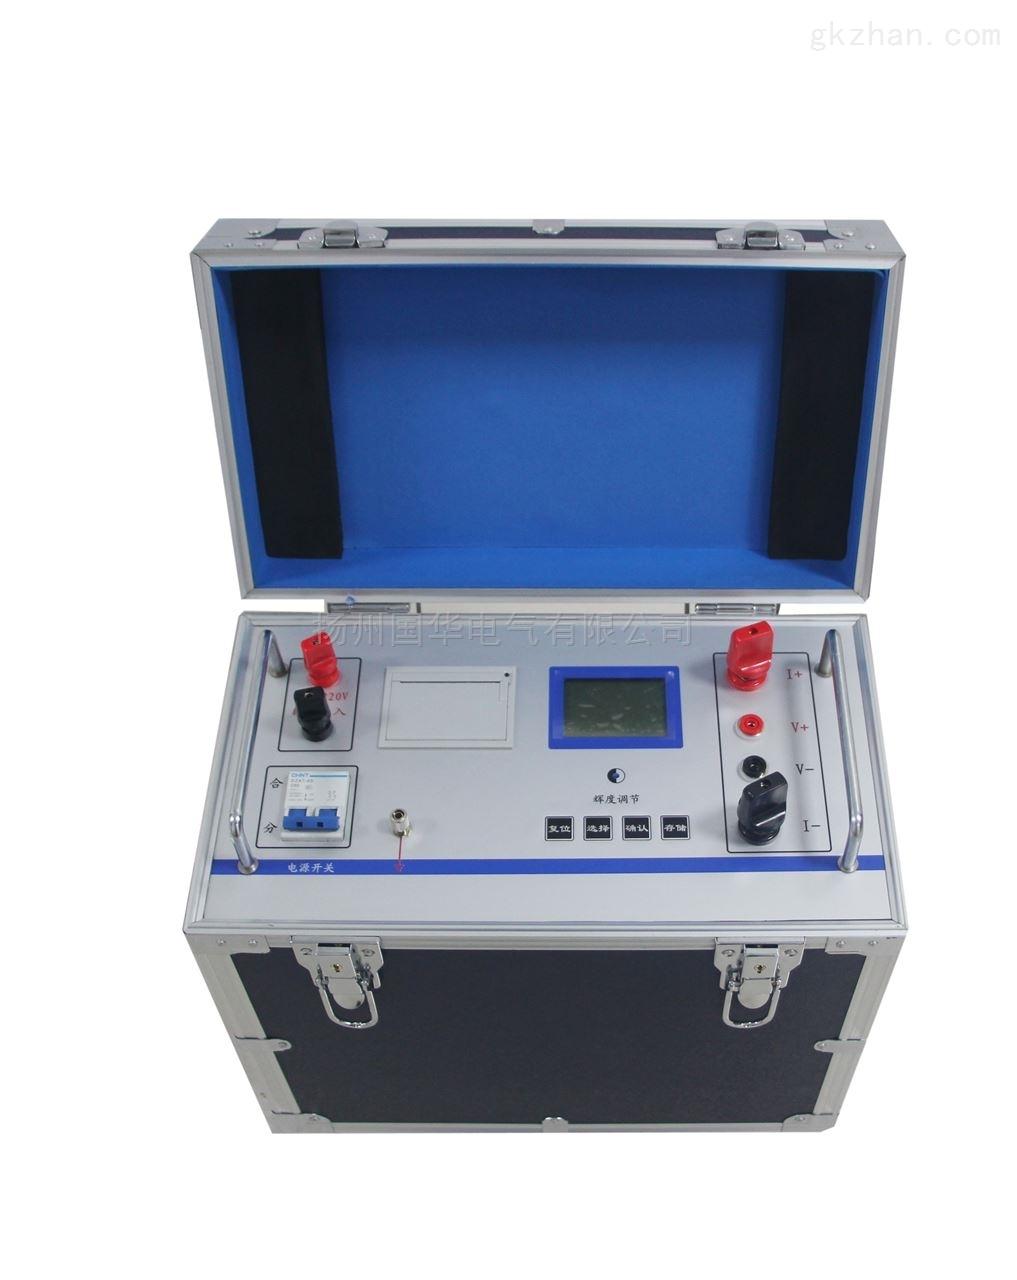 扬州国华电气专业销售-回路电阻测试仪